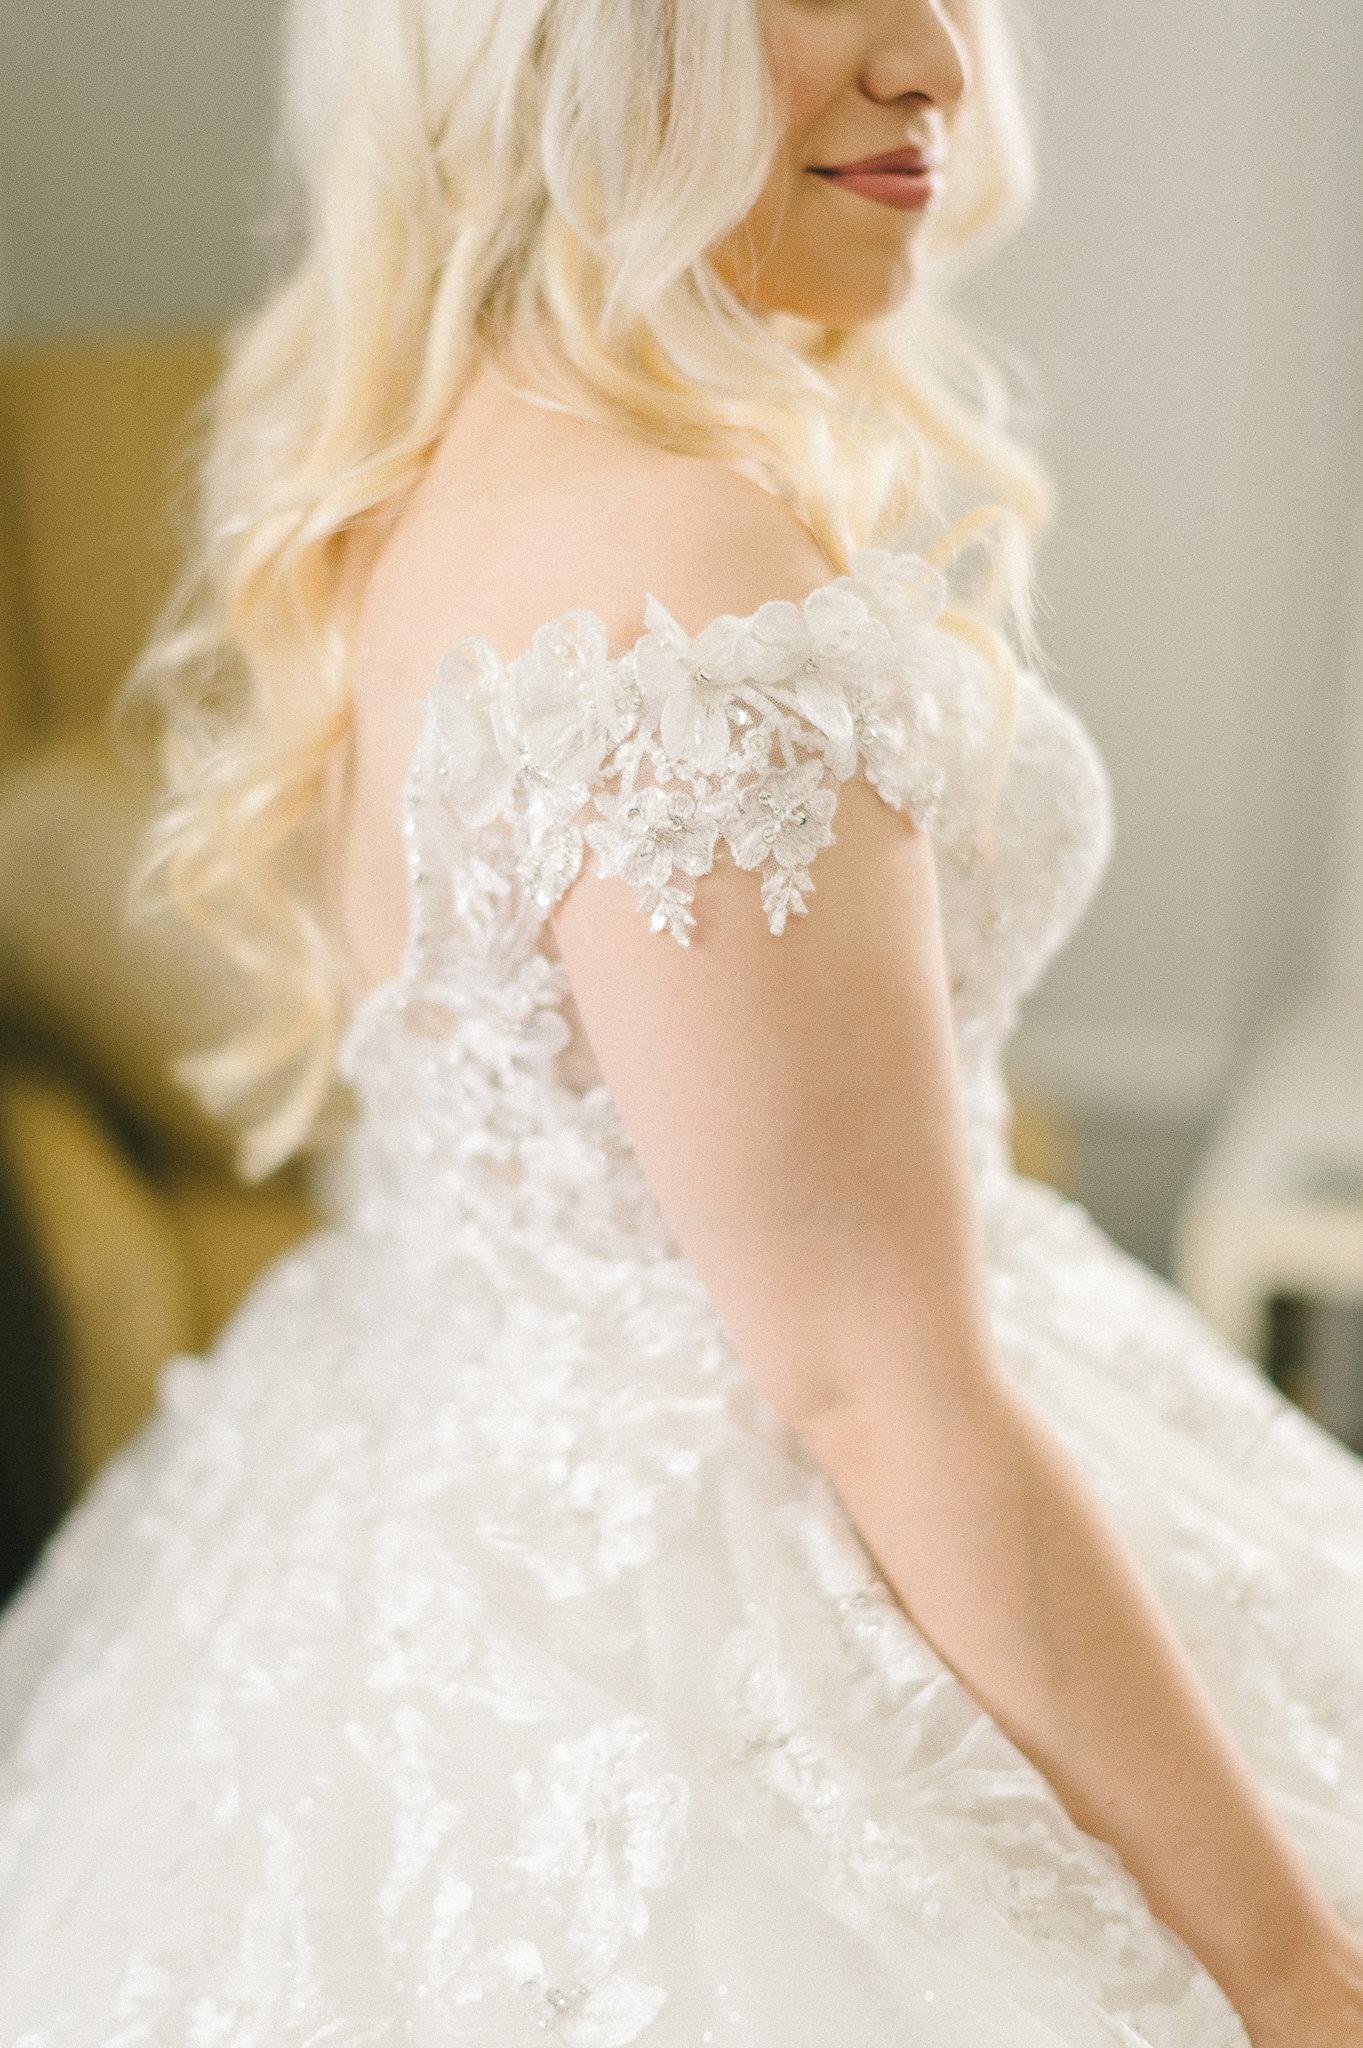 Elizabeth-Fogarty-Wedding-Photography-2.jpg